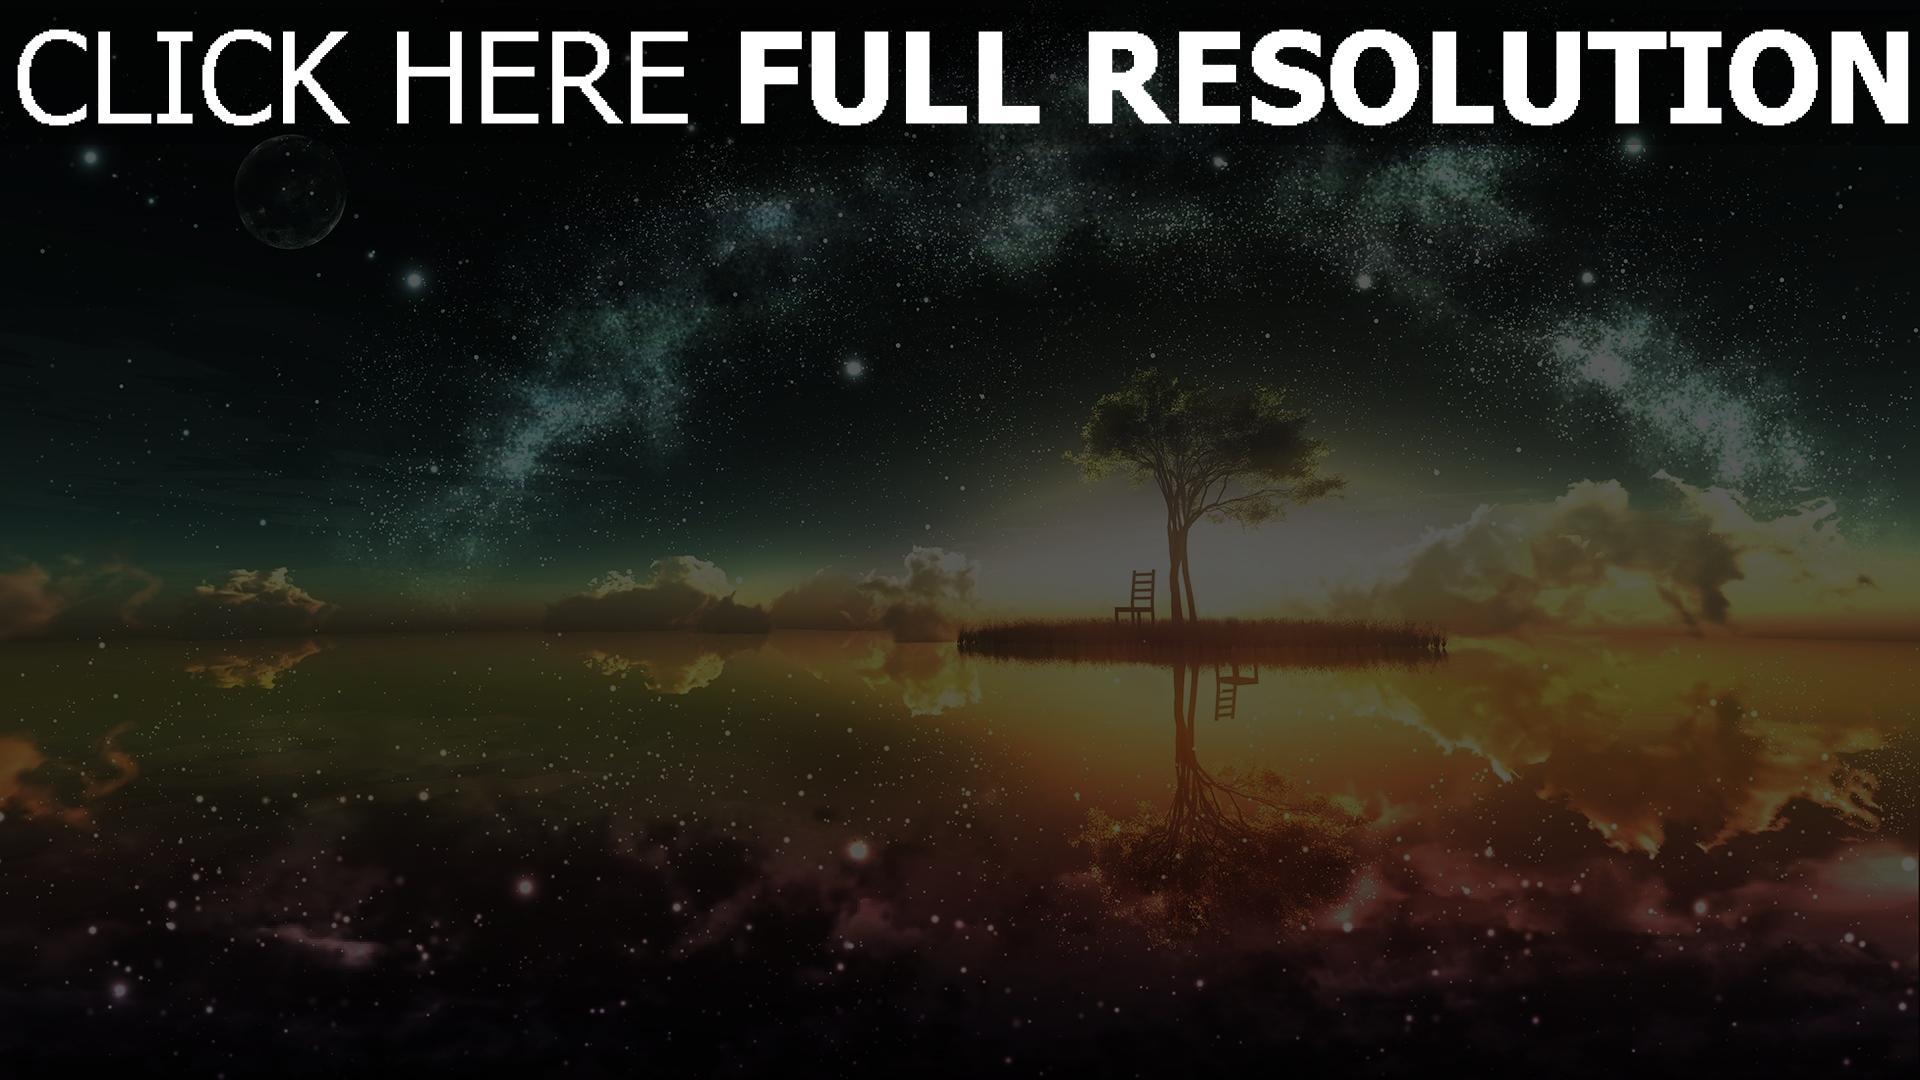 hd hintergrundbilder Landschaft, Baum, Sterne, Licht 1920x1080